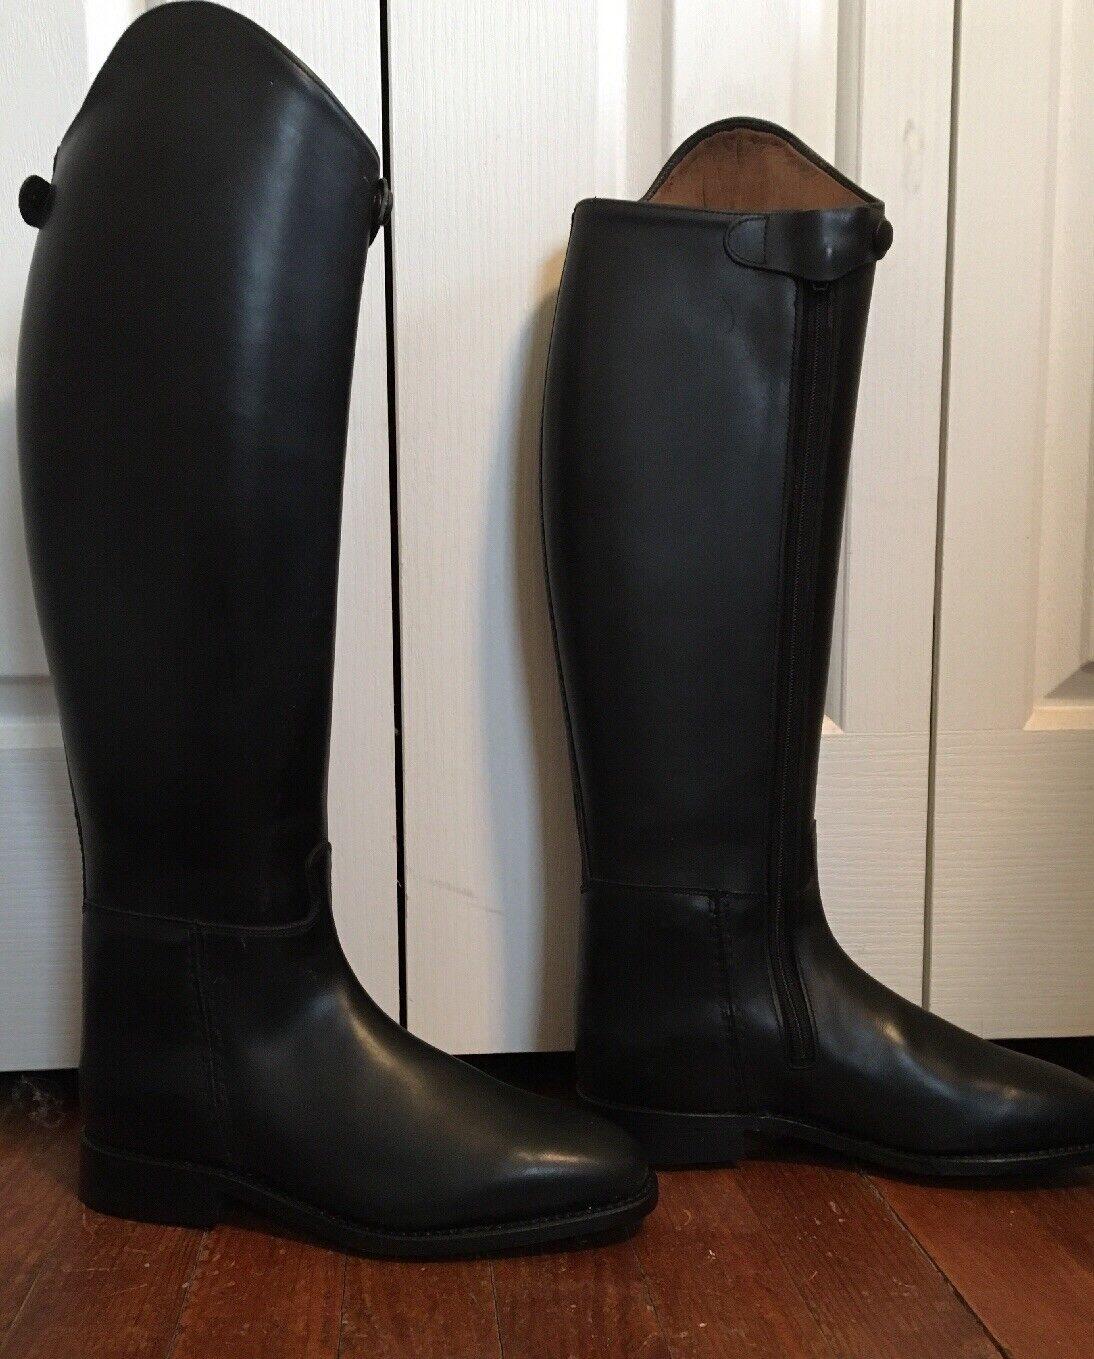 New Womans Dressage Boots W  Zippers Piaffe Plus Cavallo EU size. 5.5 US size 8